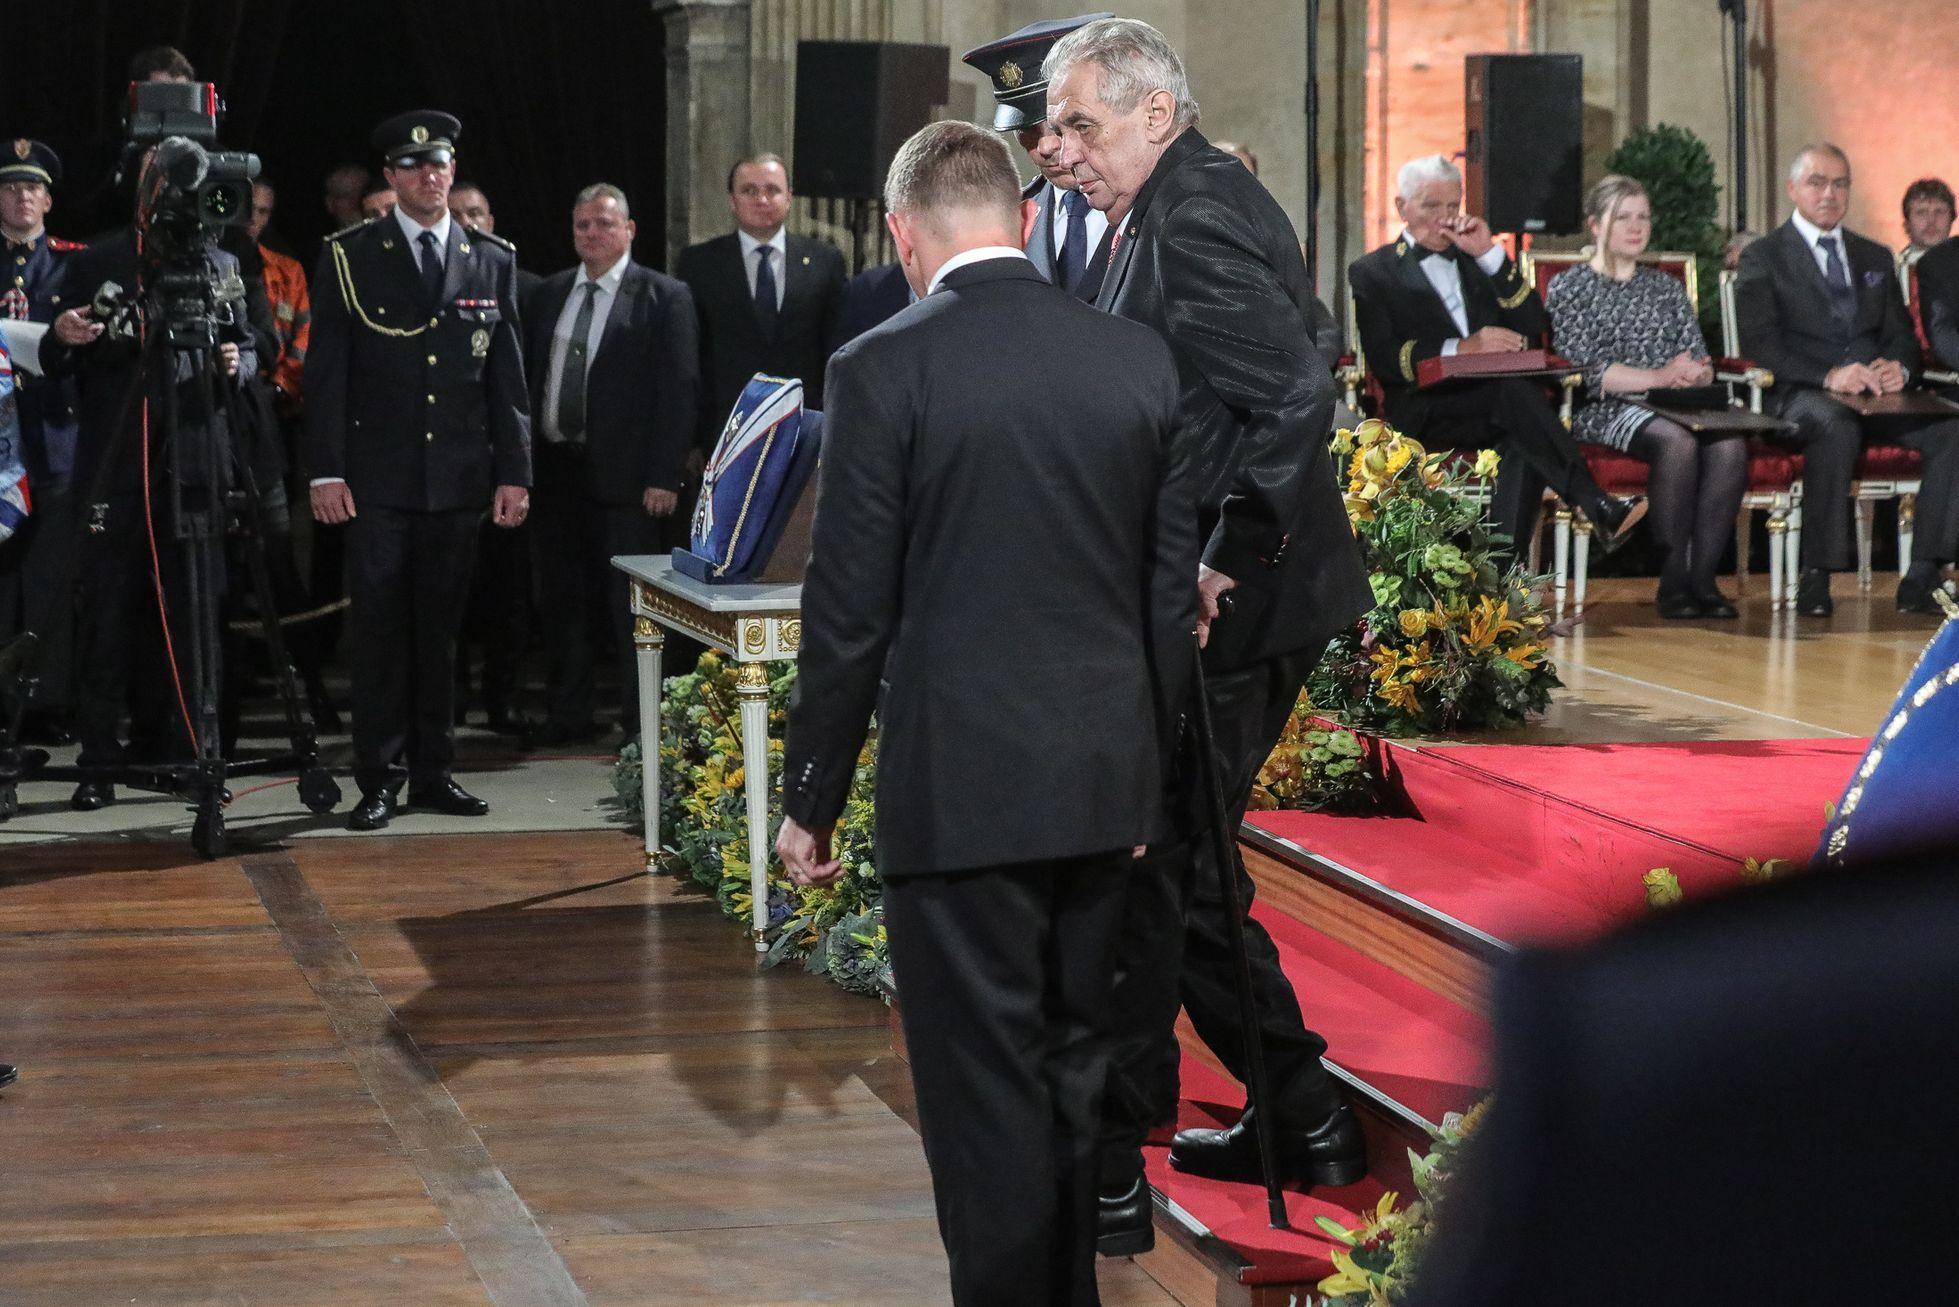 Po všech oceněných sešel prezident tři schody a usadil se vedle své manželky. Už na začátku ceremoniálu vysvětlil, že ho velmi bolí nohy, ale že za rok to určitě bude lepší.